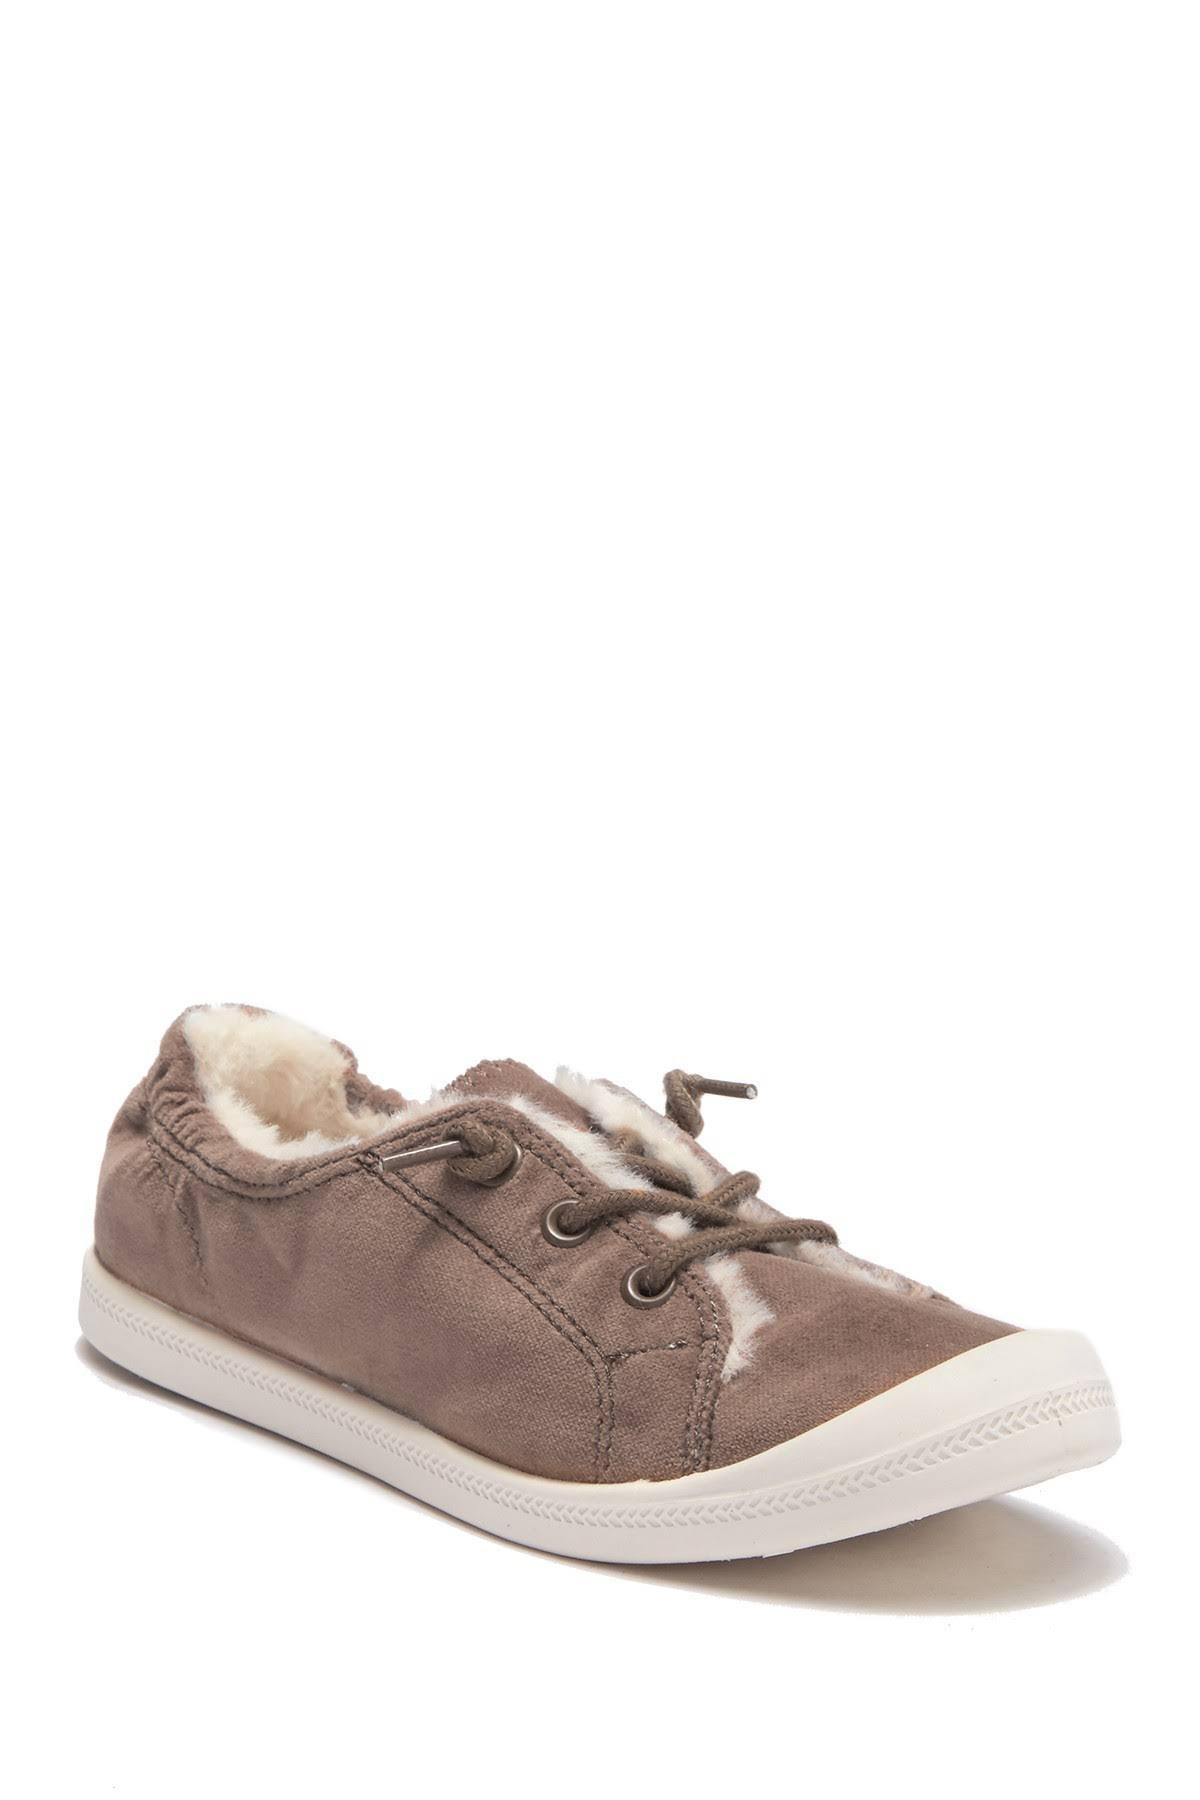 Rackdamesschoenen sneakers Top Velv Girl Nordstrom Brette 5m bij Low gevoerde sneaker nepbont Madden Taupe 8XnZOPNw0k